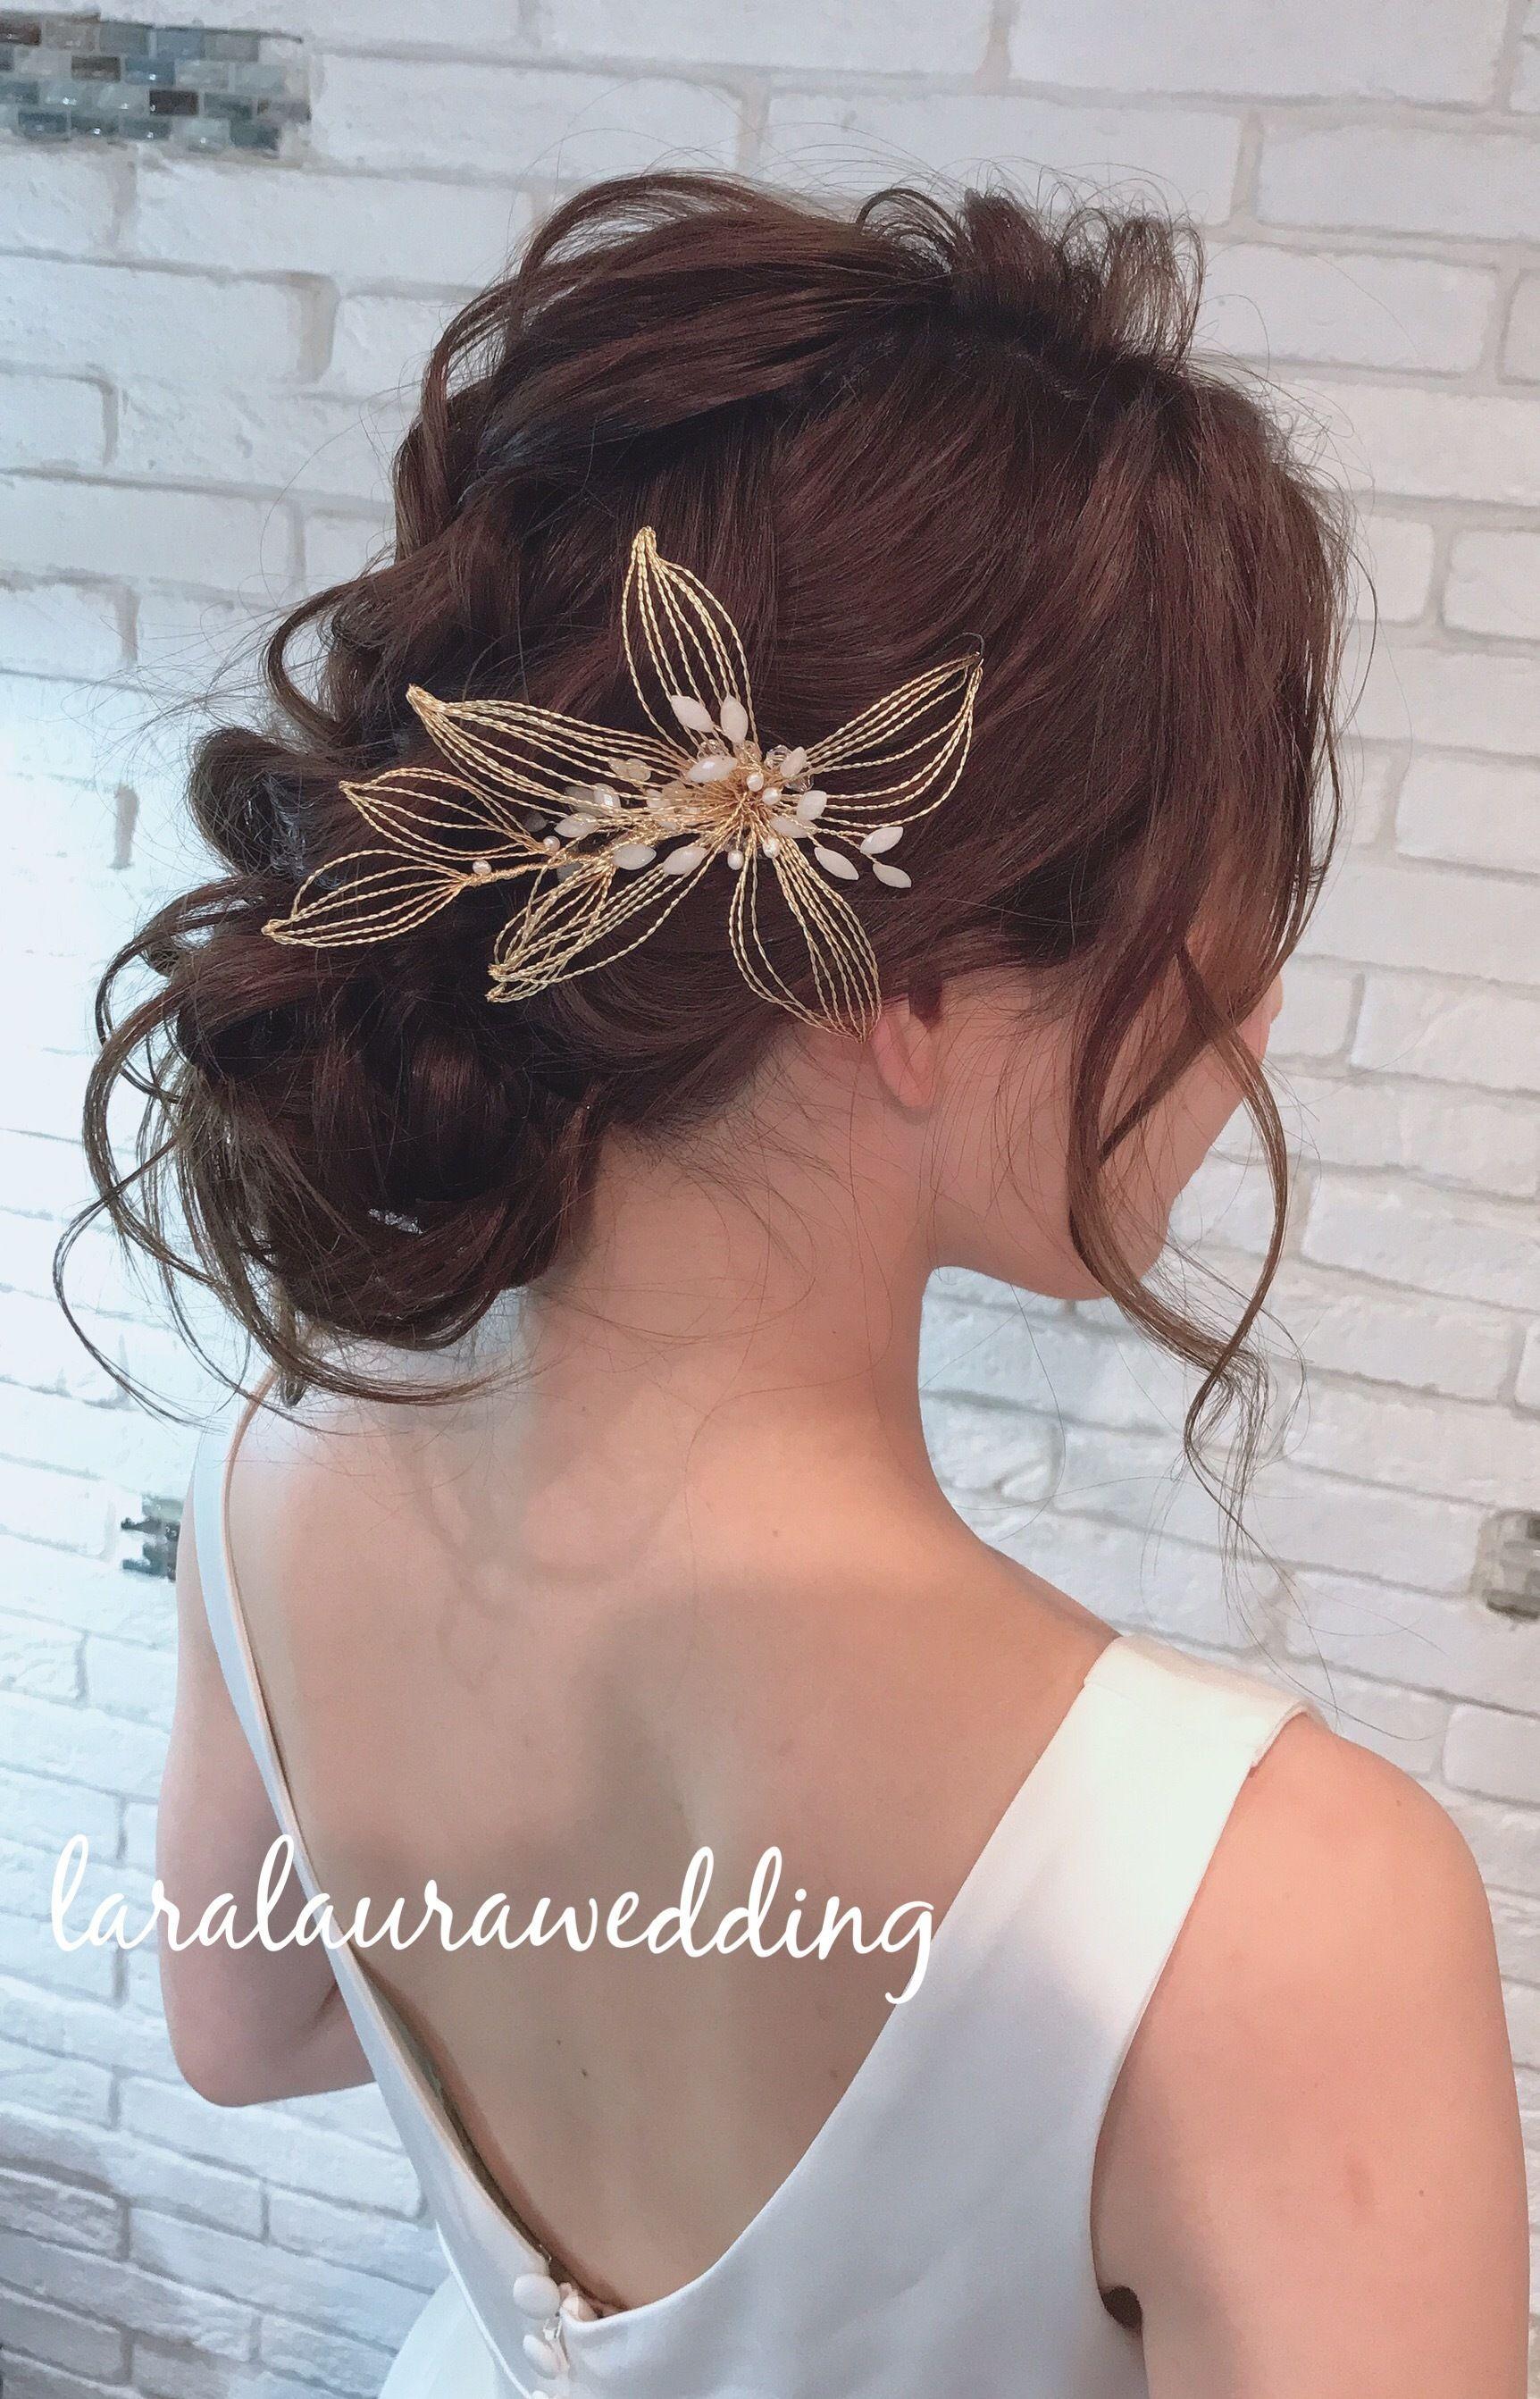 ゴールドフラワーのヘッドドレス Hd 81 Lara Laura インポート